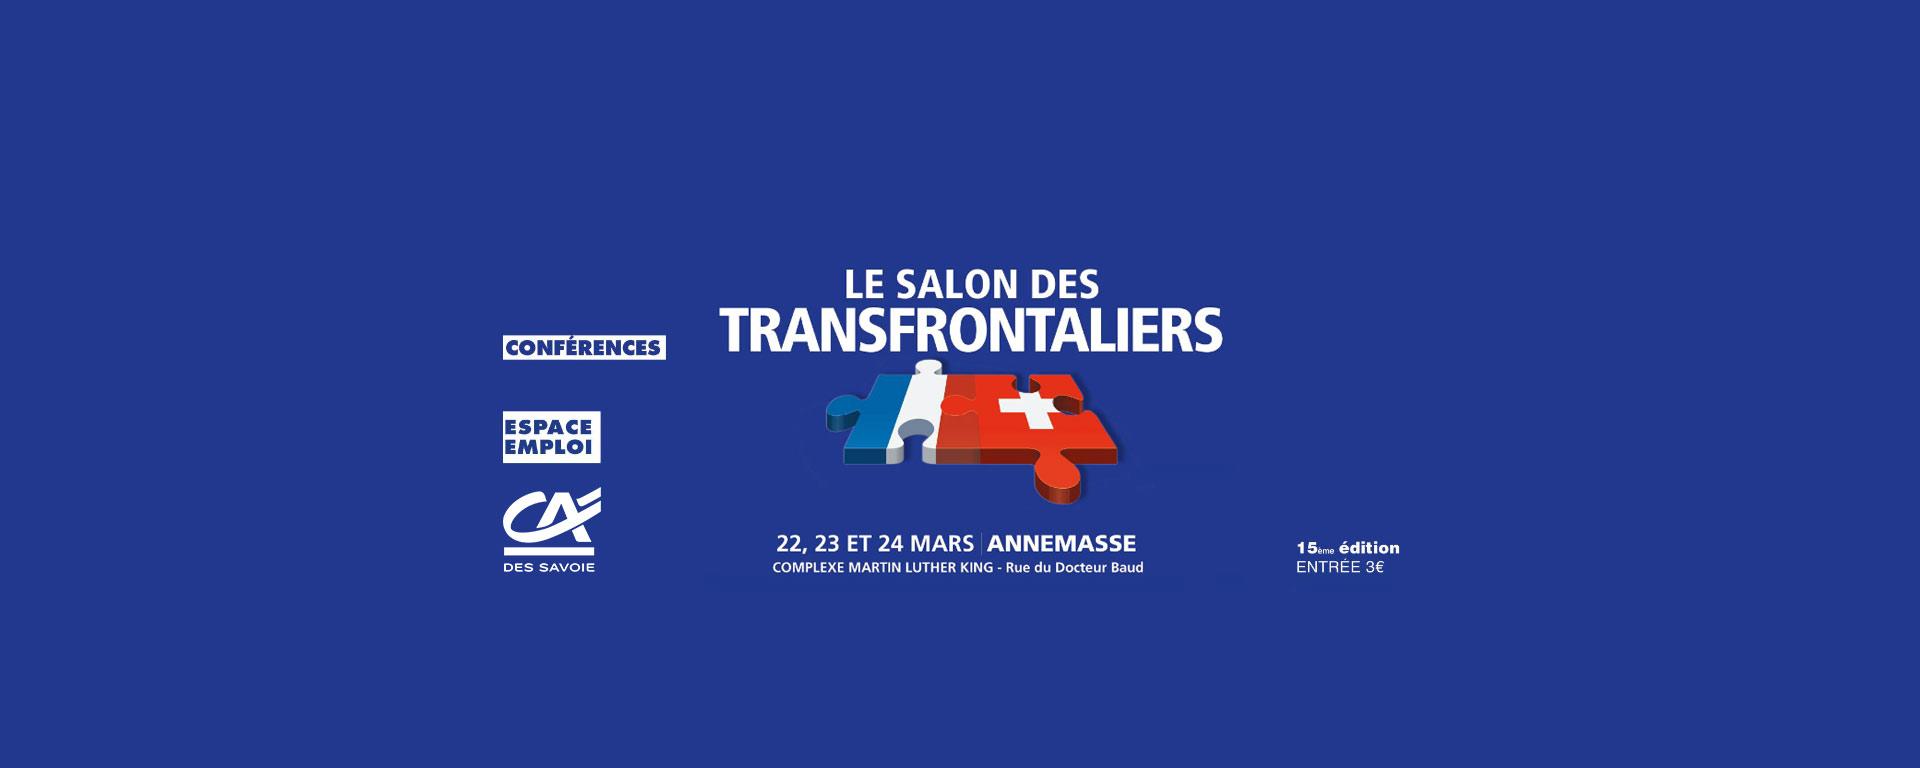 Le Salon des Transfrontaliers